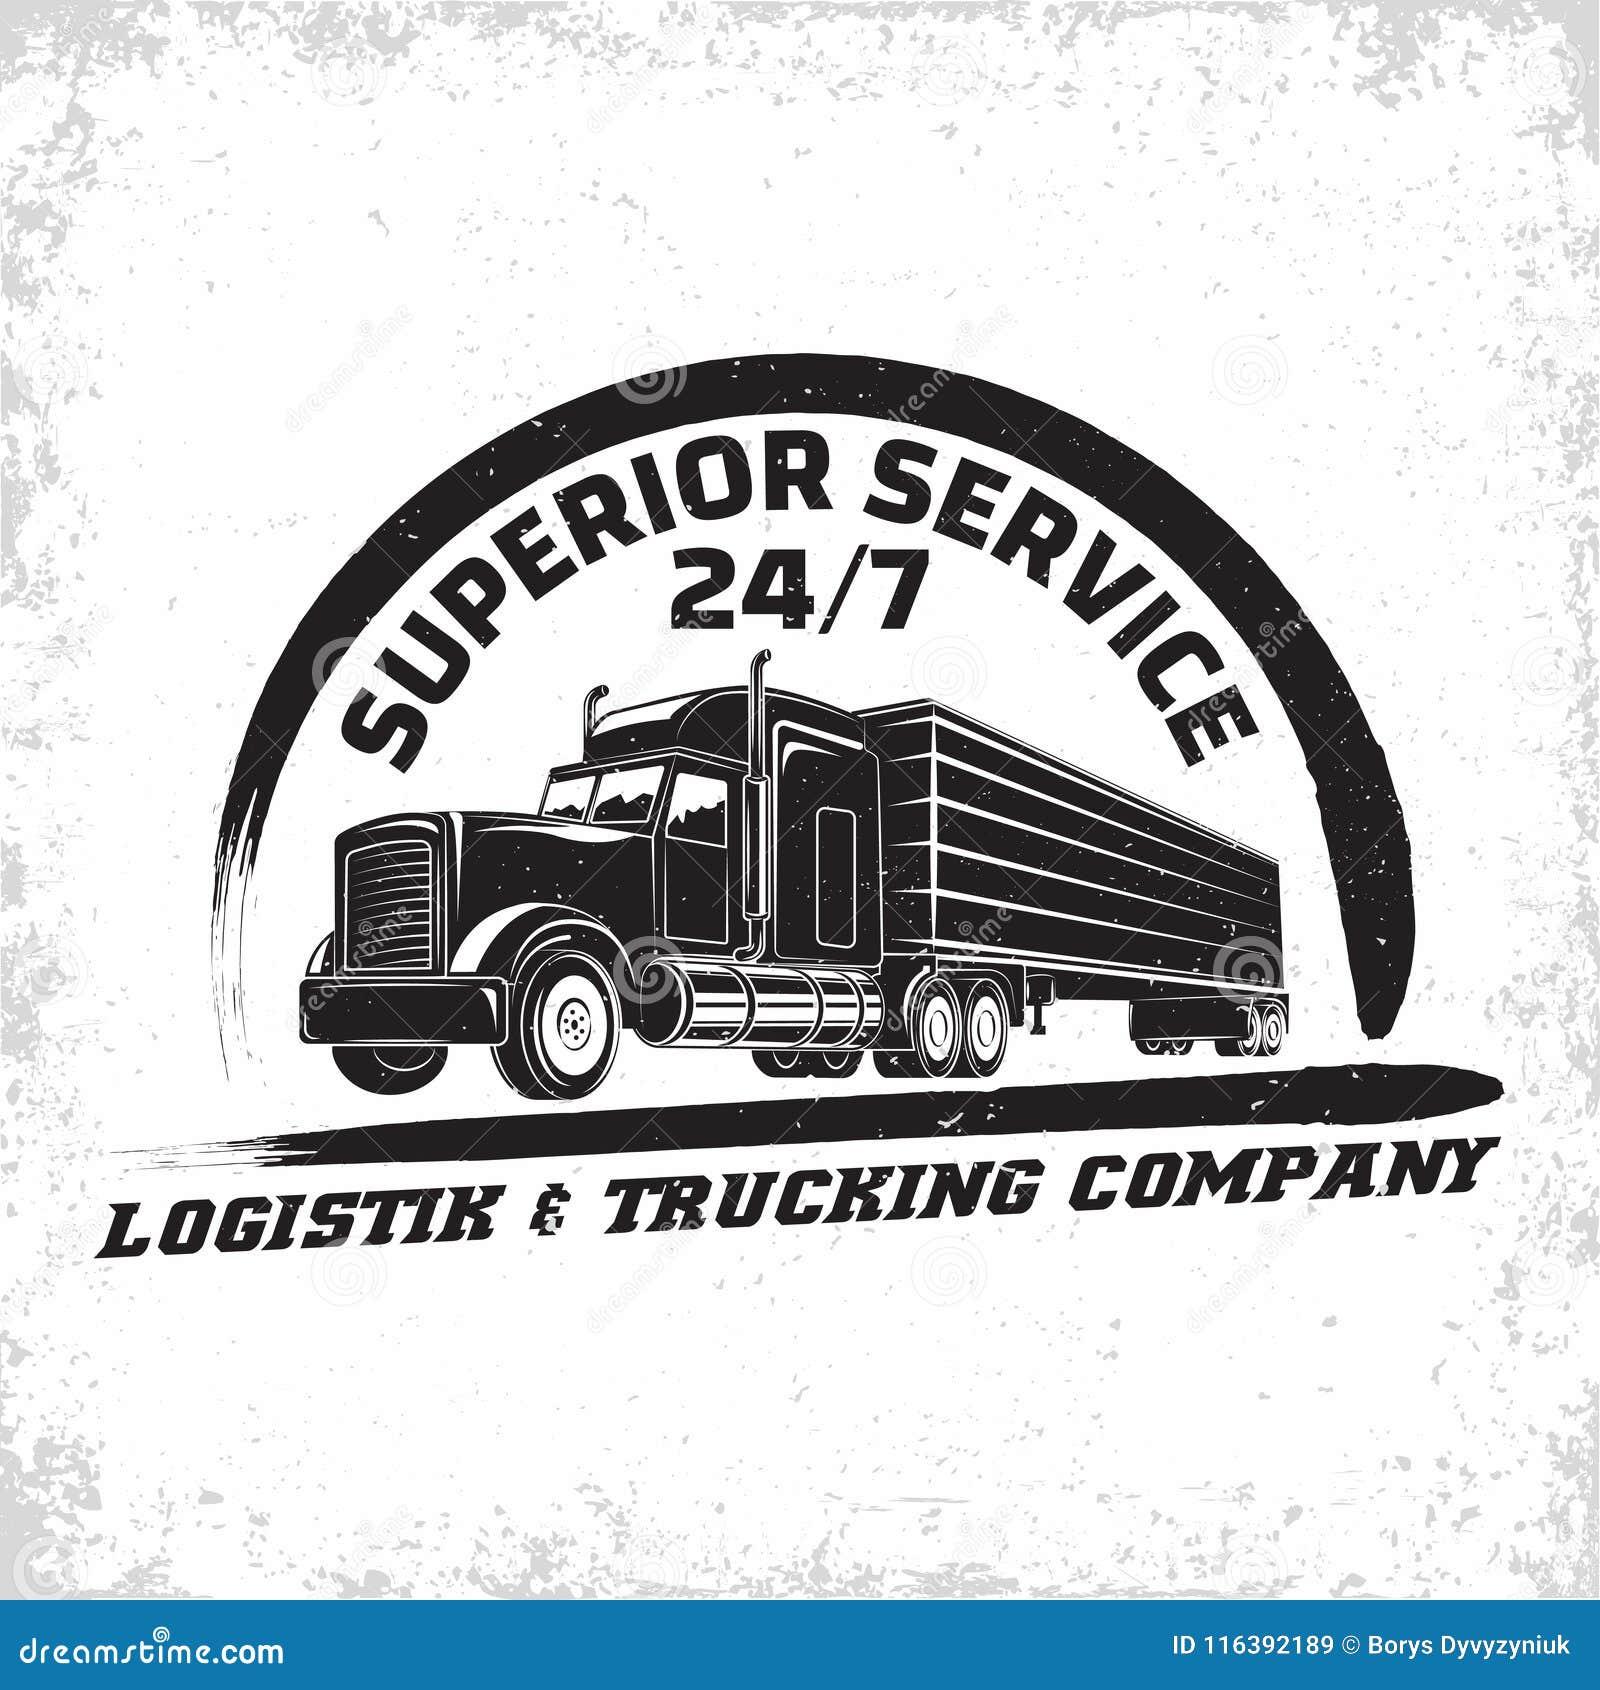 Vintage Logo Design Stock Vector. Illustration Of Logistic